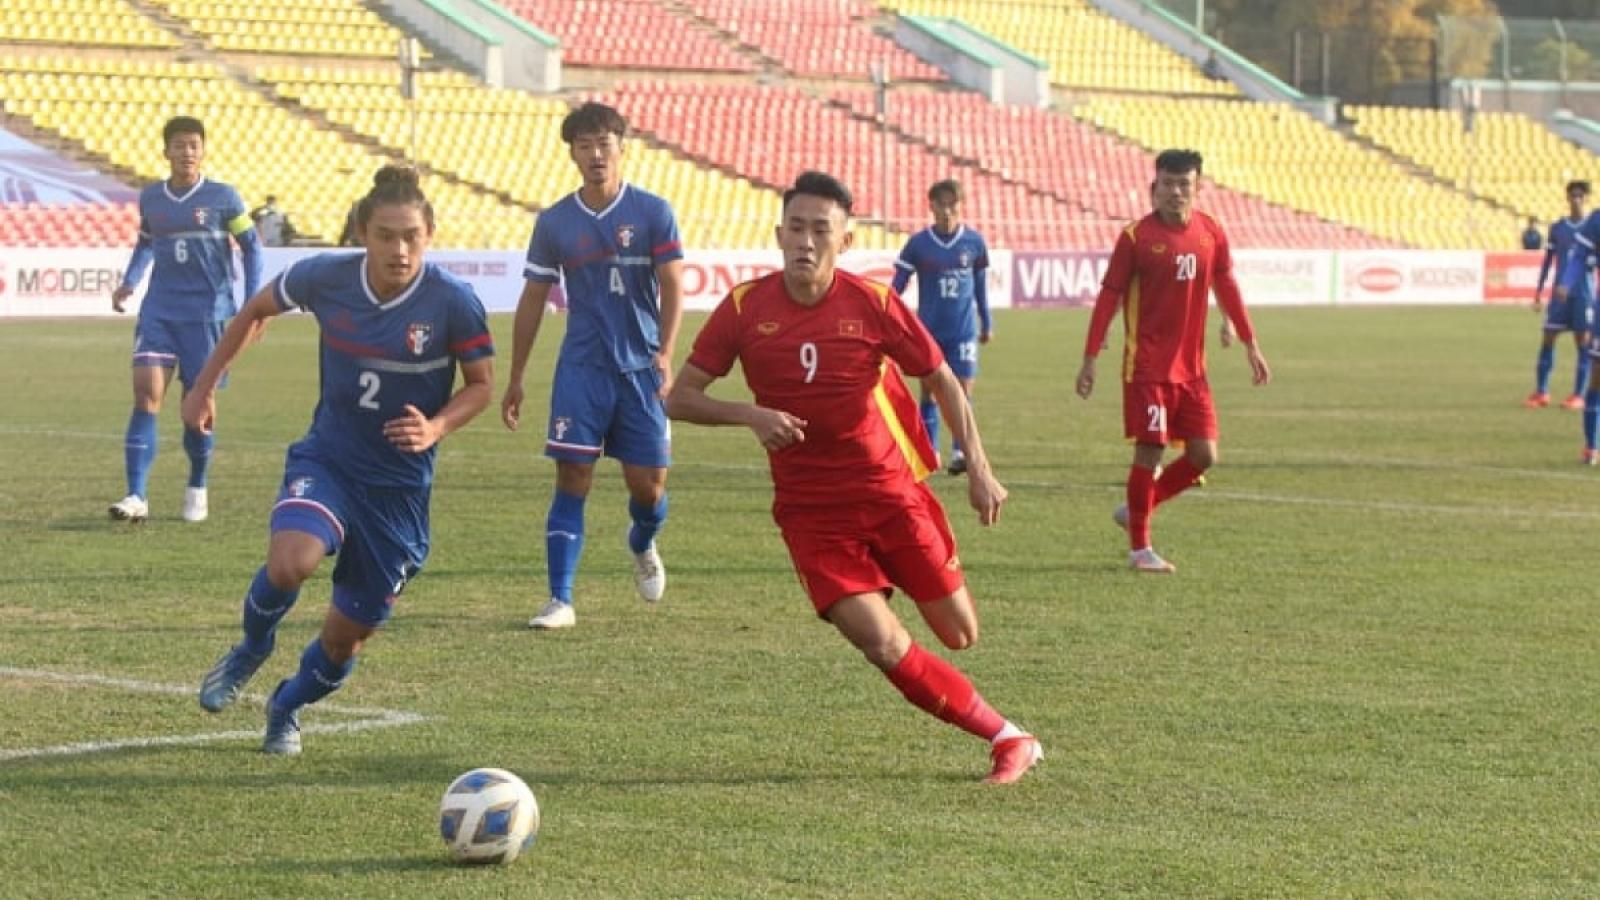 Bảng xếp hạng vòng loại U23 châu Á 2022: Việt Nam dẫn đầu, Thái Lan gây thất vọng